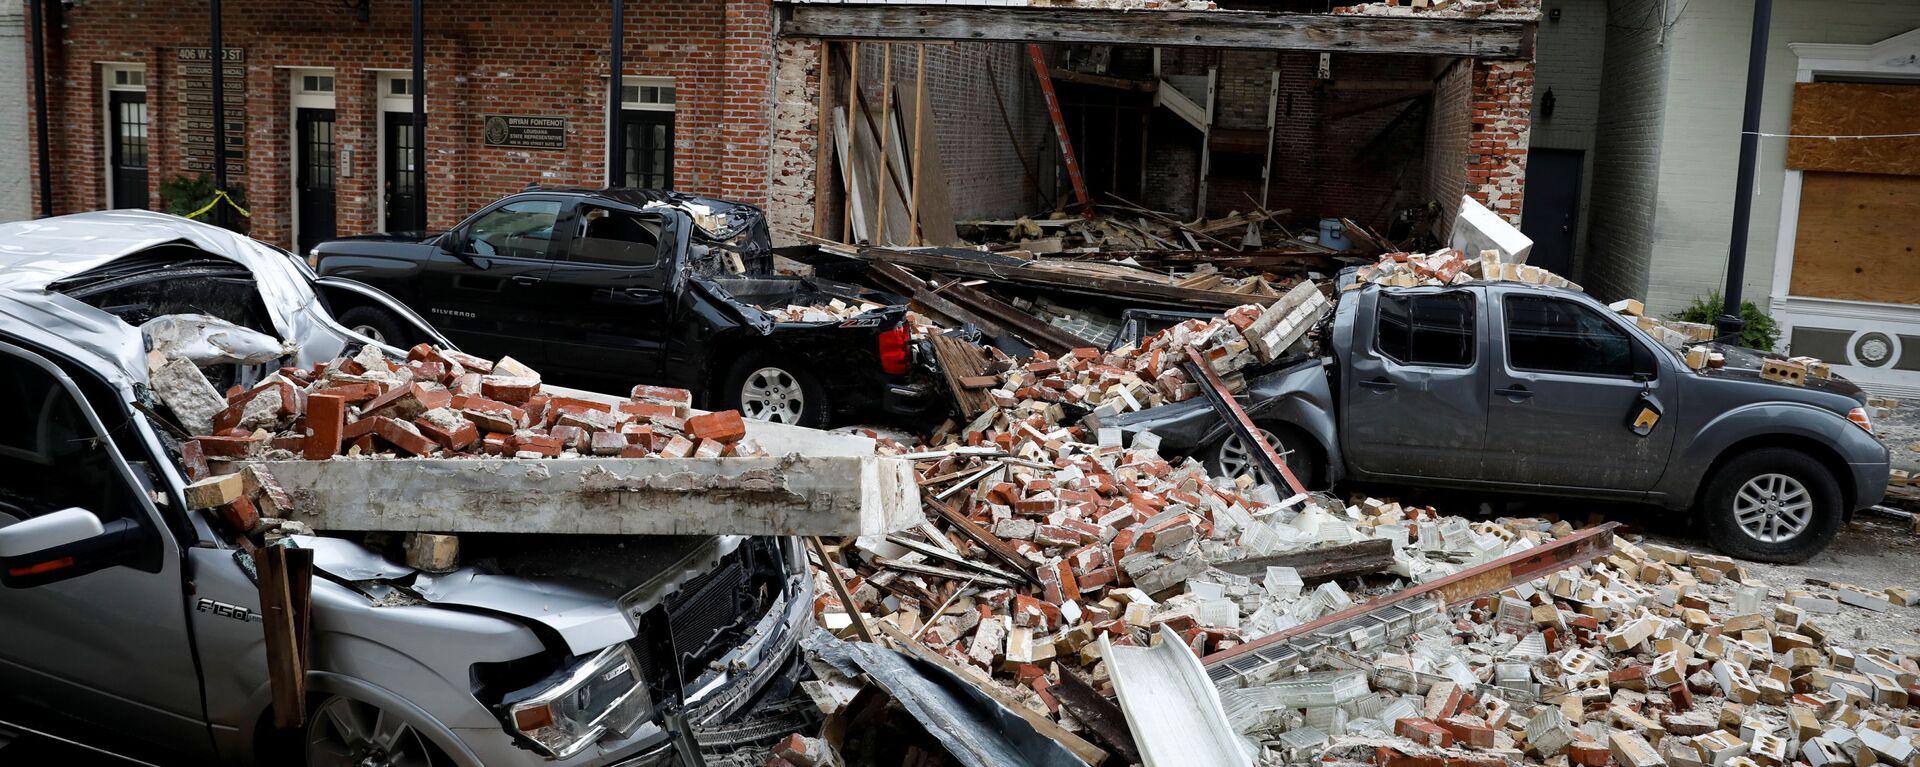 La destrucción causada por el huracán Ida en Thibodaux, Luisiana (EEUU) - Sputnik Mundo, 1920, 03.09.2021